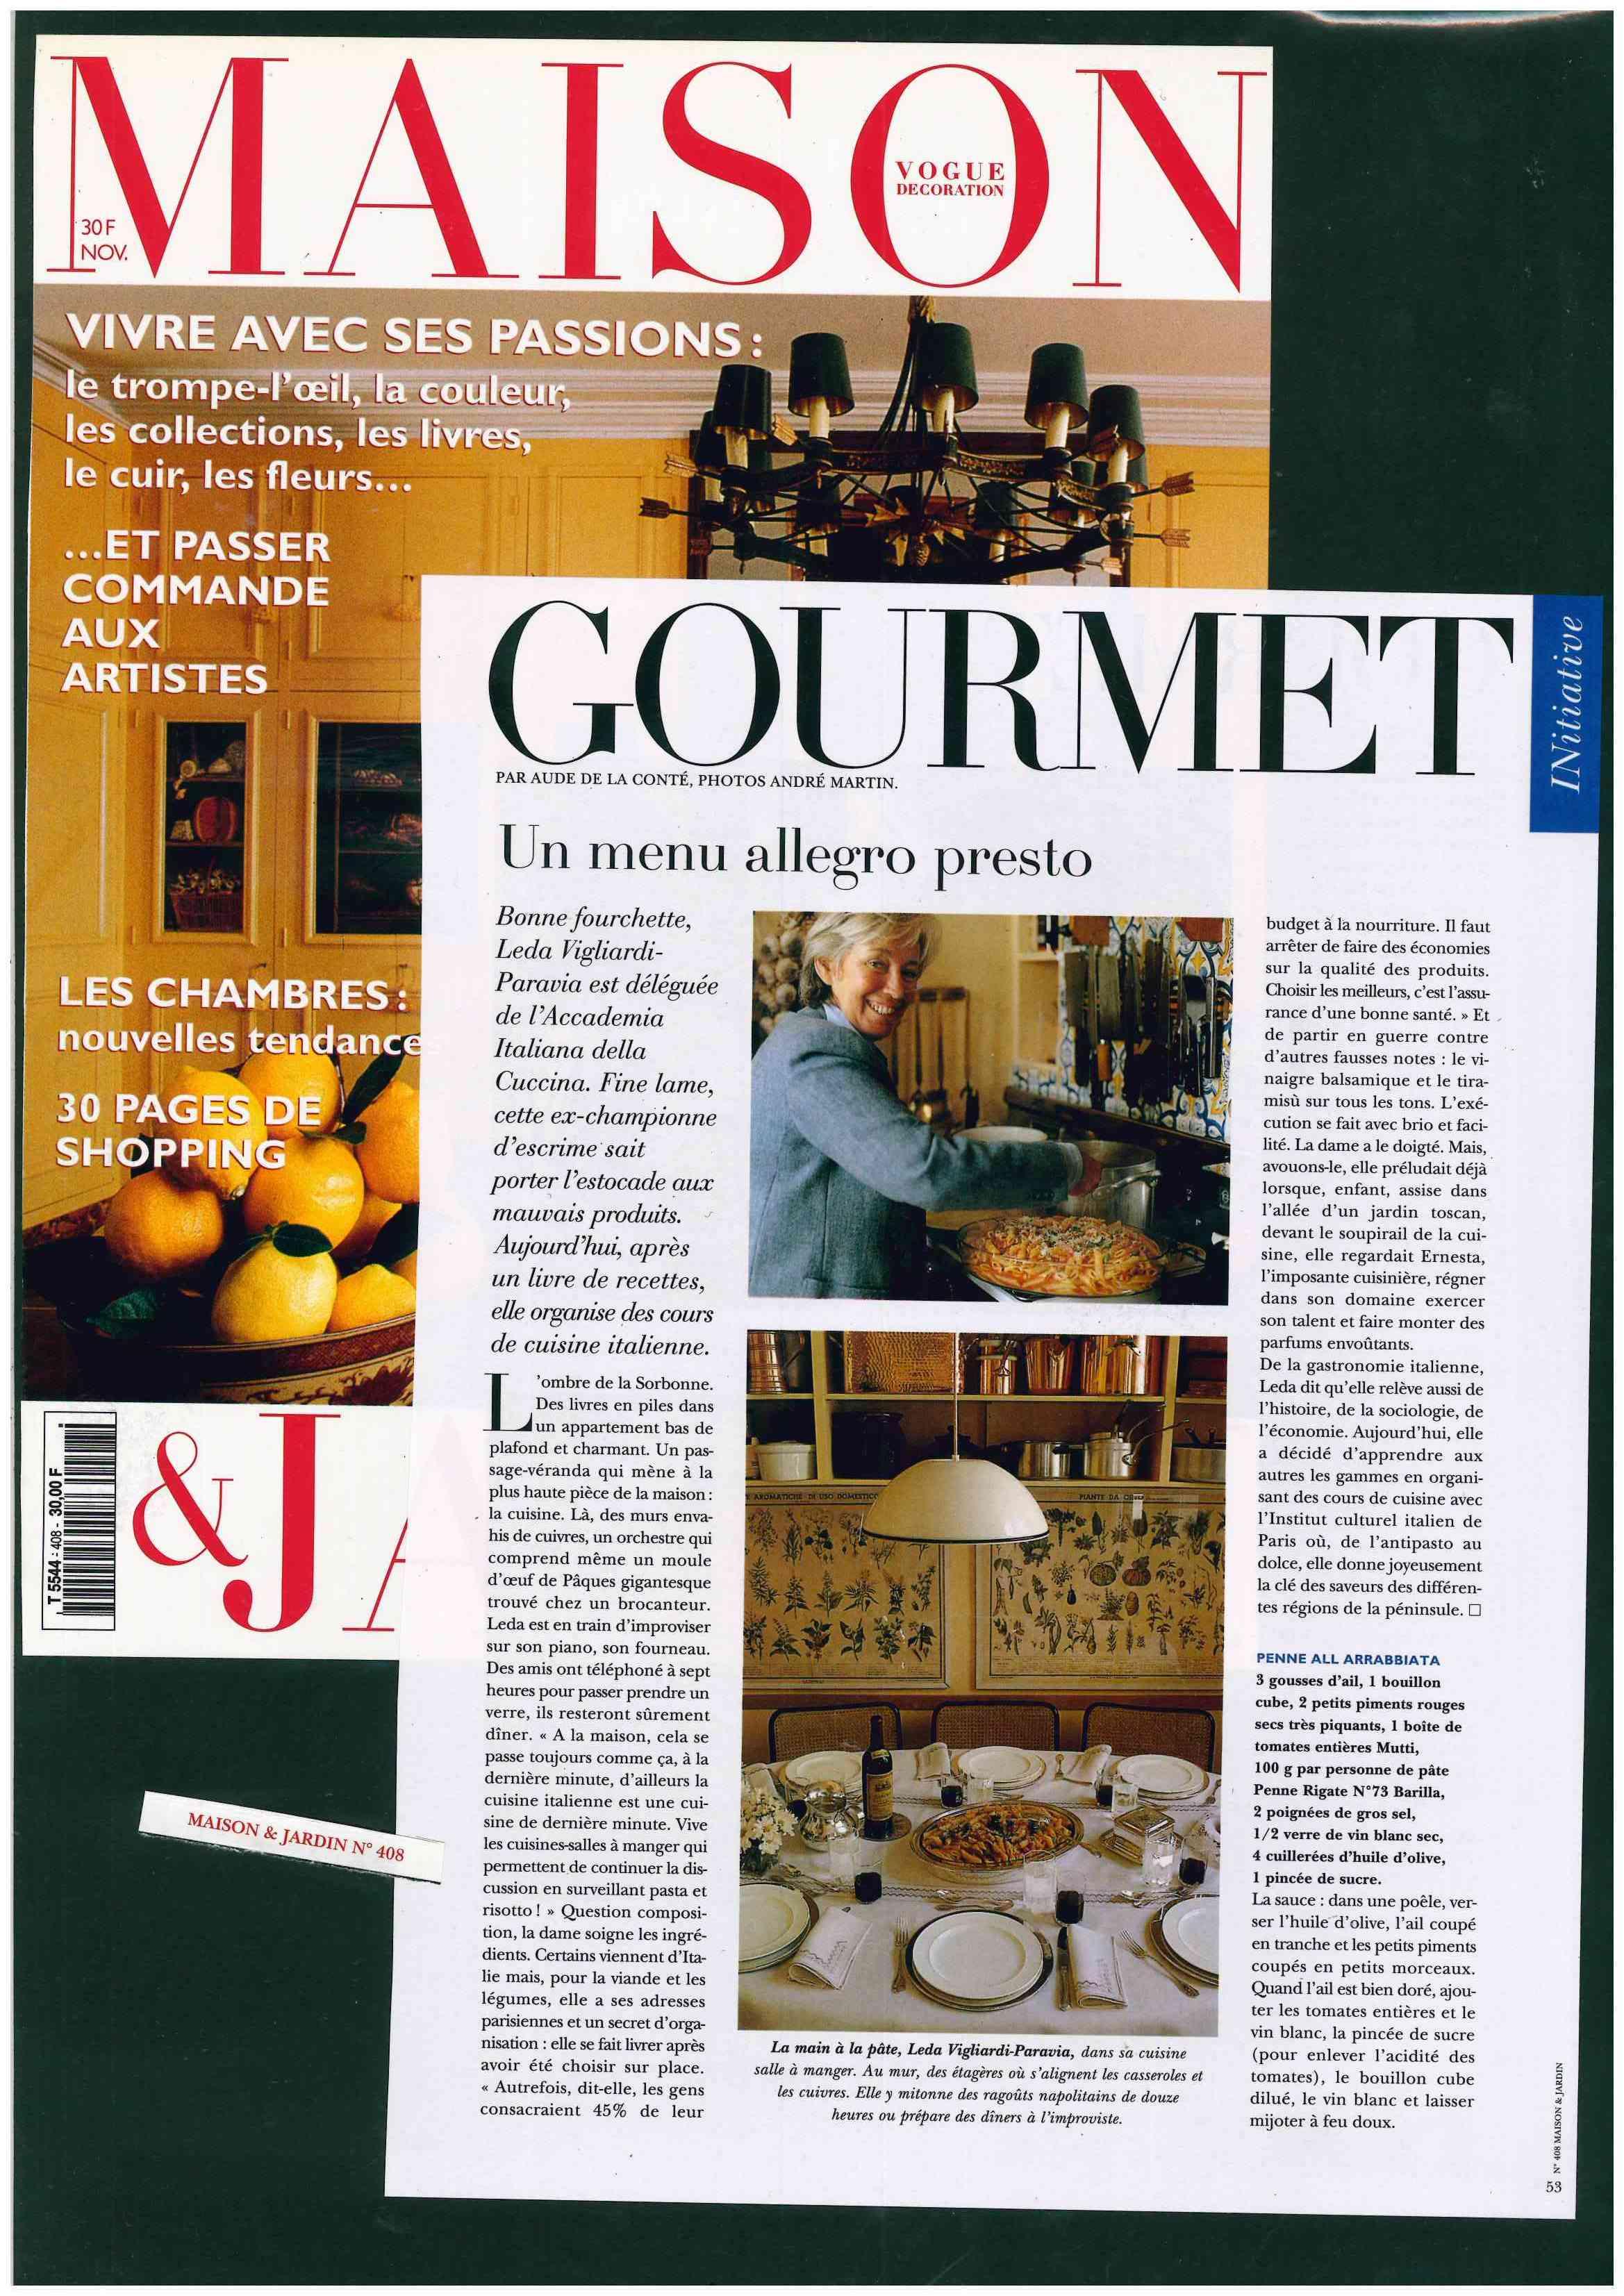 Pubblicazione originale - Vogue FR Decoration - Maison - Gourmet